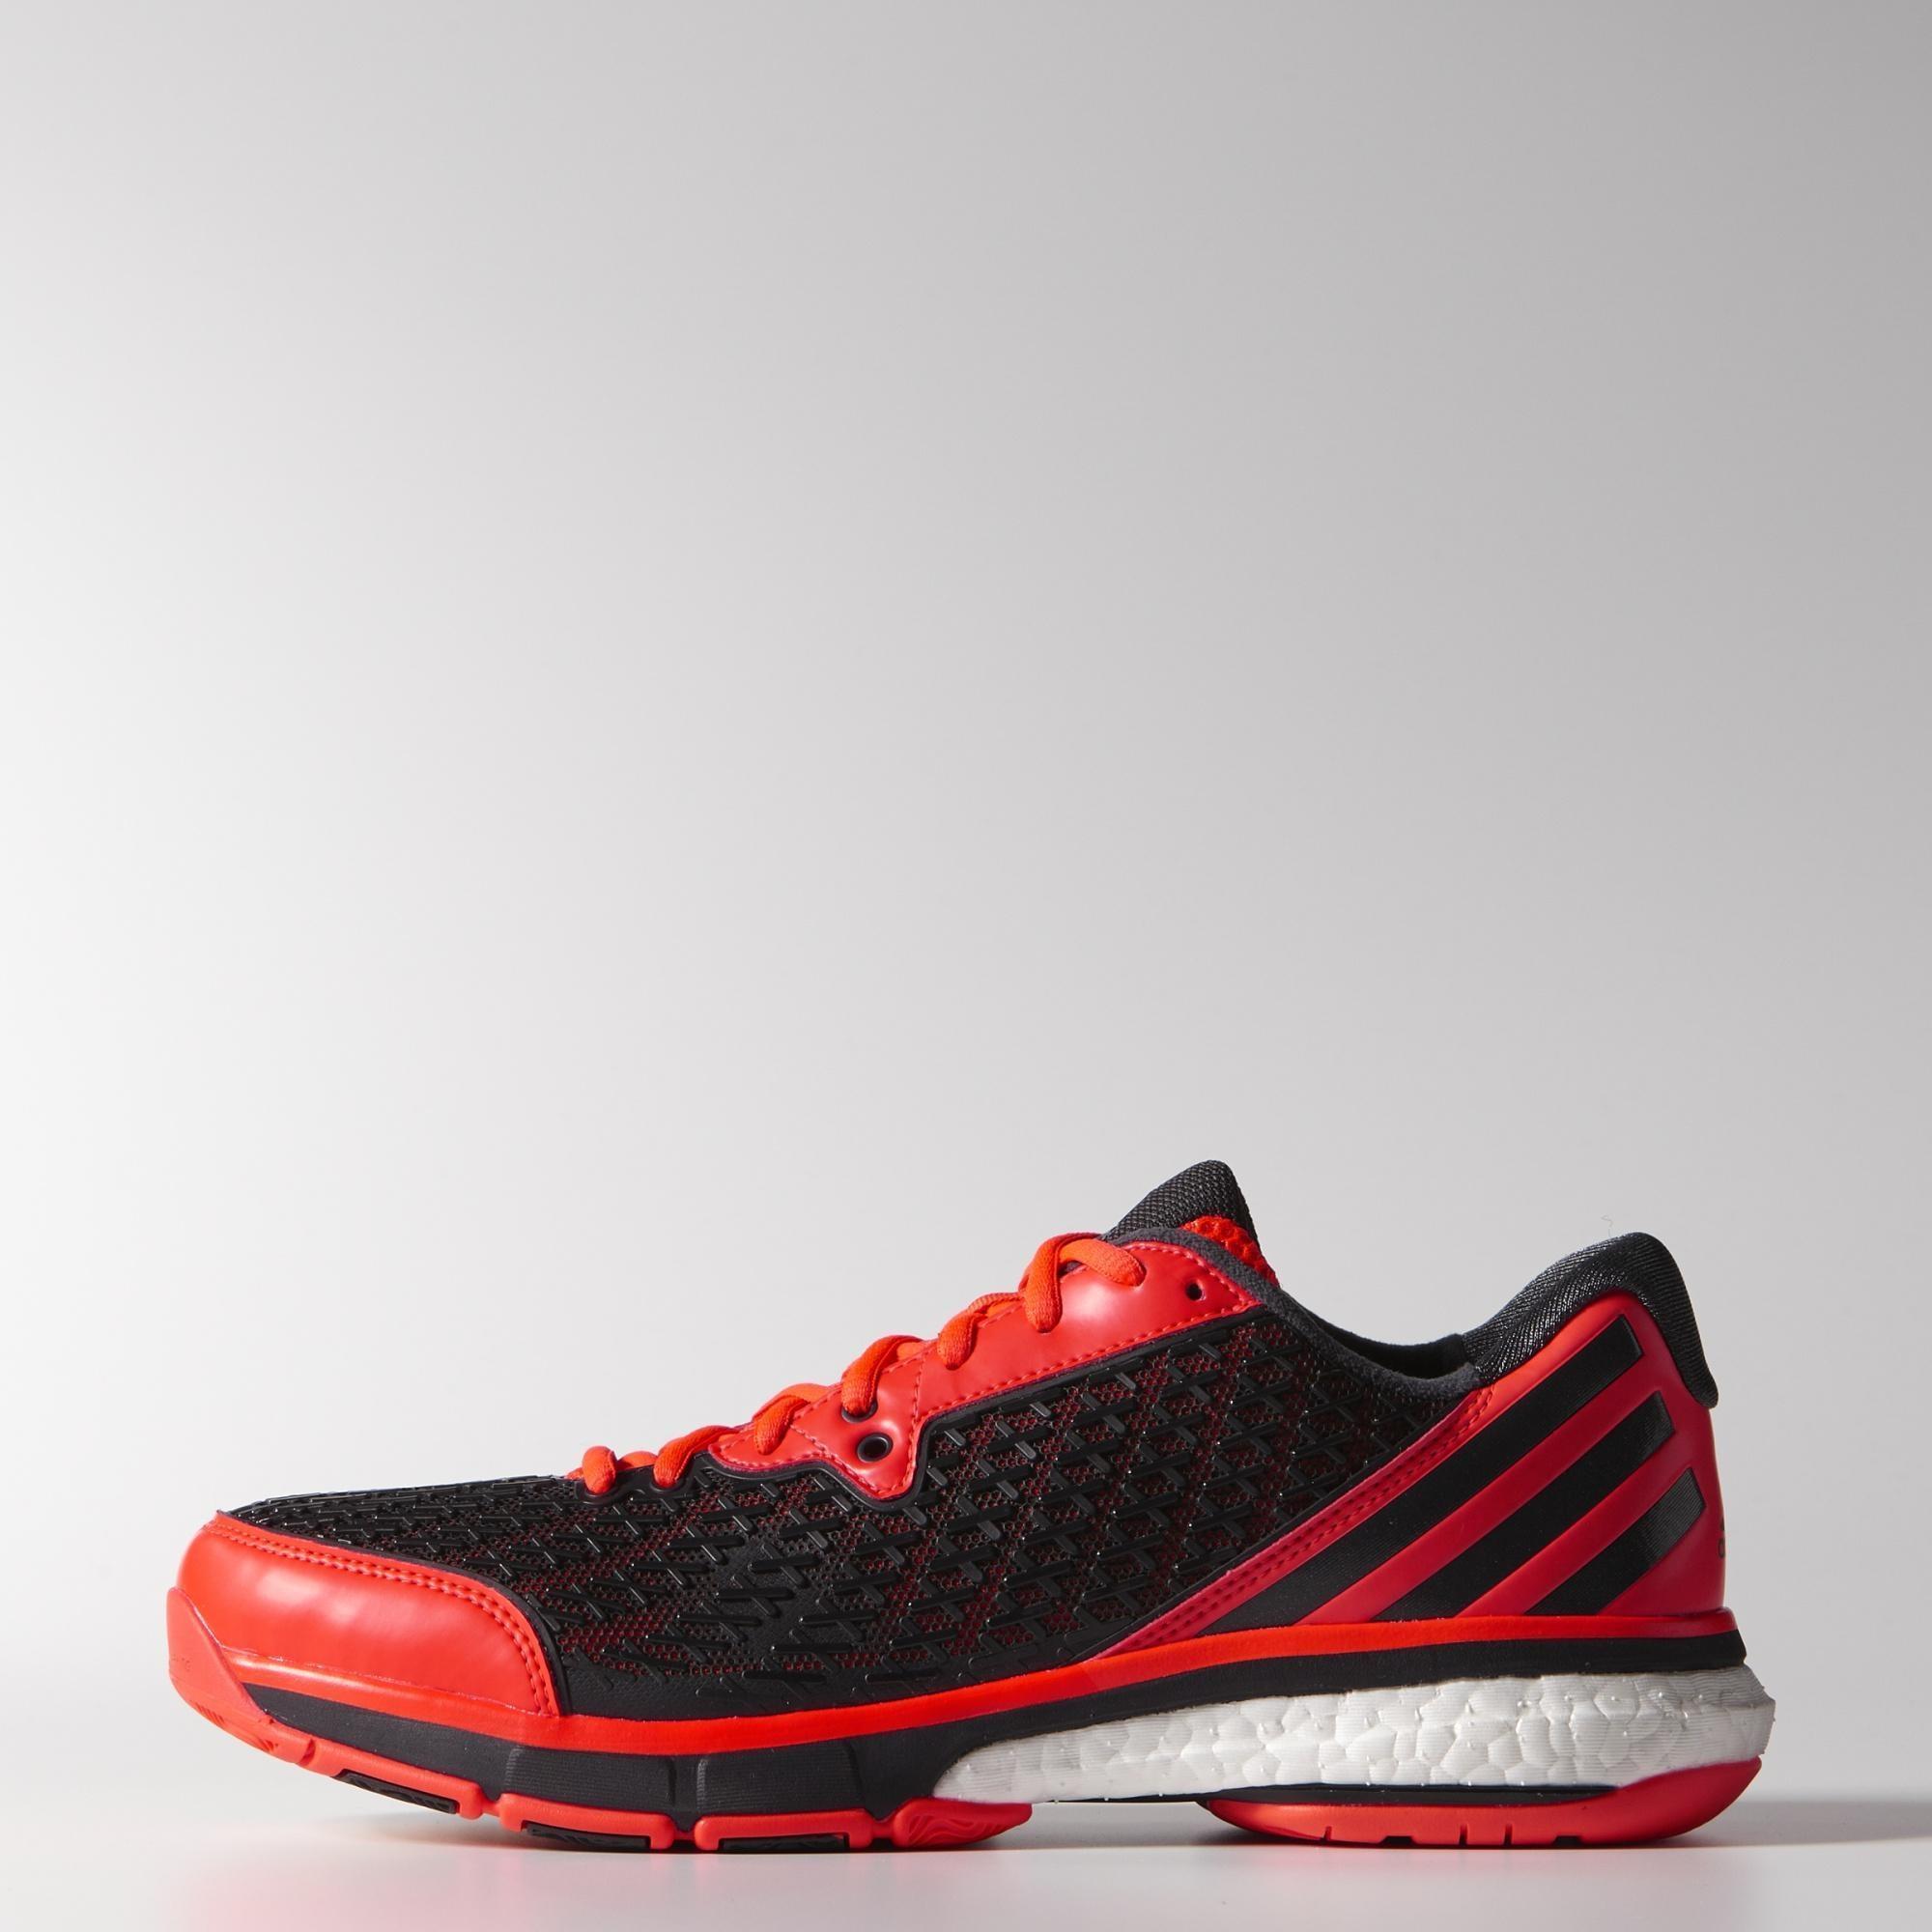 48e4f69fd Adidas Mens Energy Boost Volley Indoor Shoes - Solar Red - Tennisnuts.com